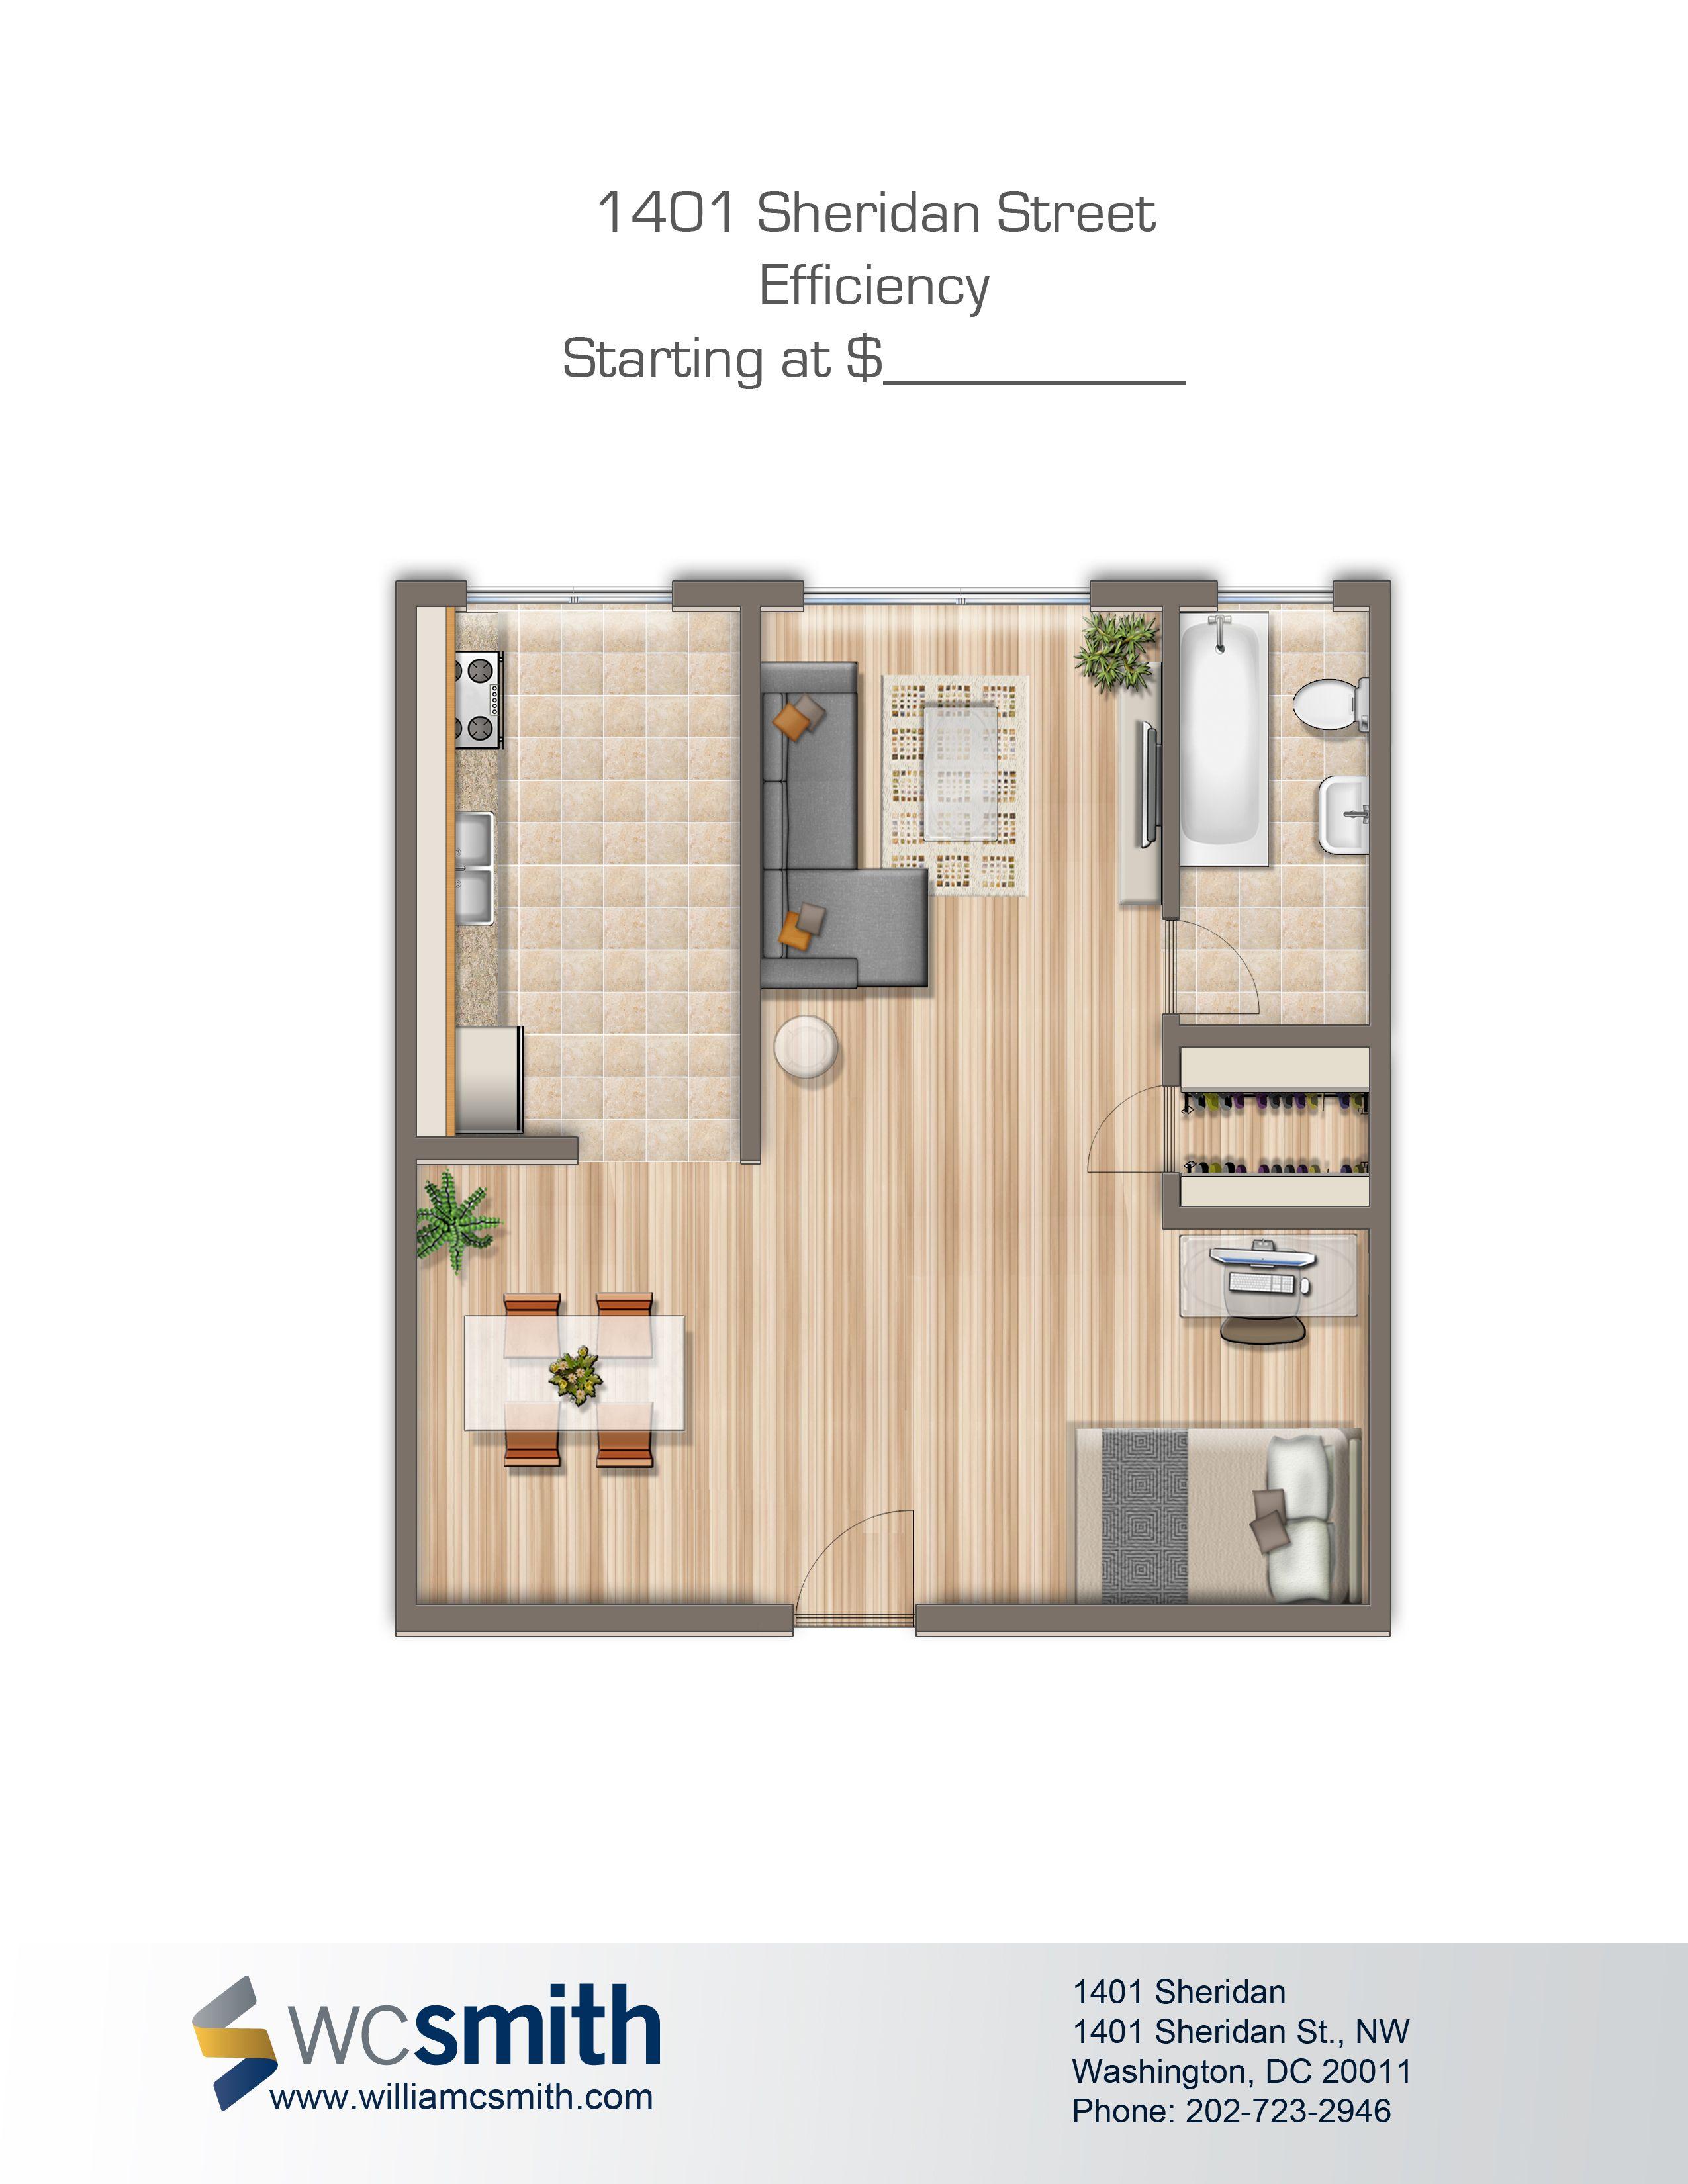 1401 Sheridan St N W One Bedroom Apartment Locker Storage Floor Plans